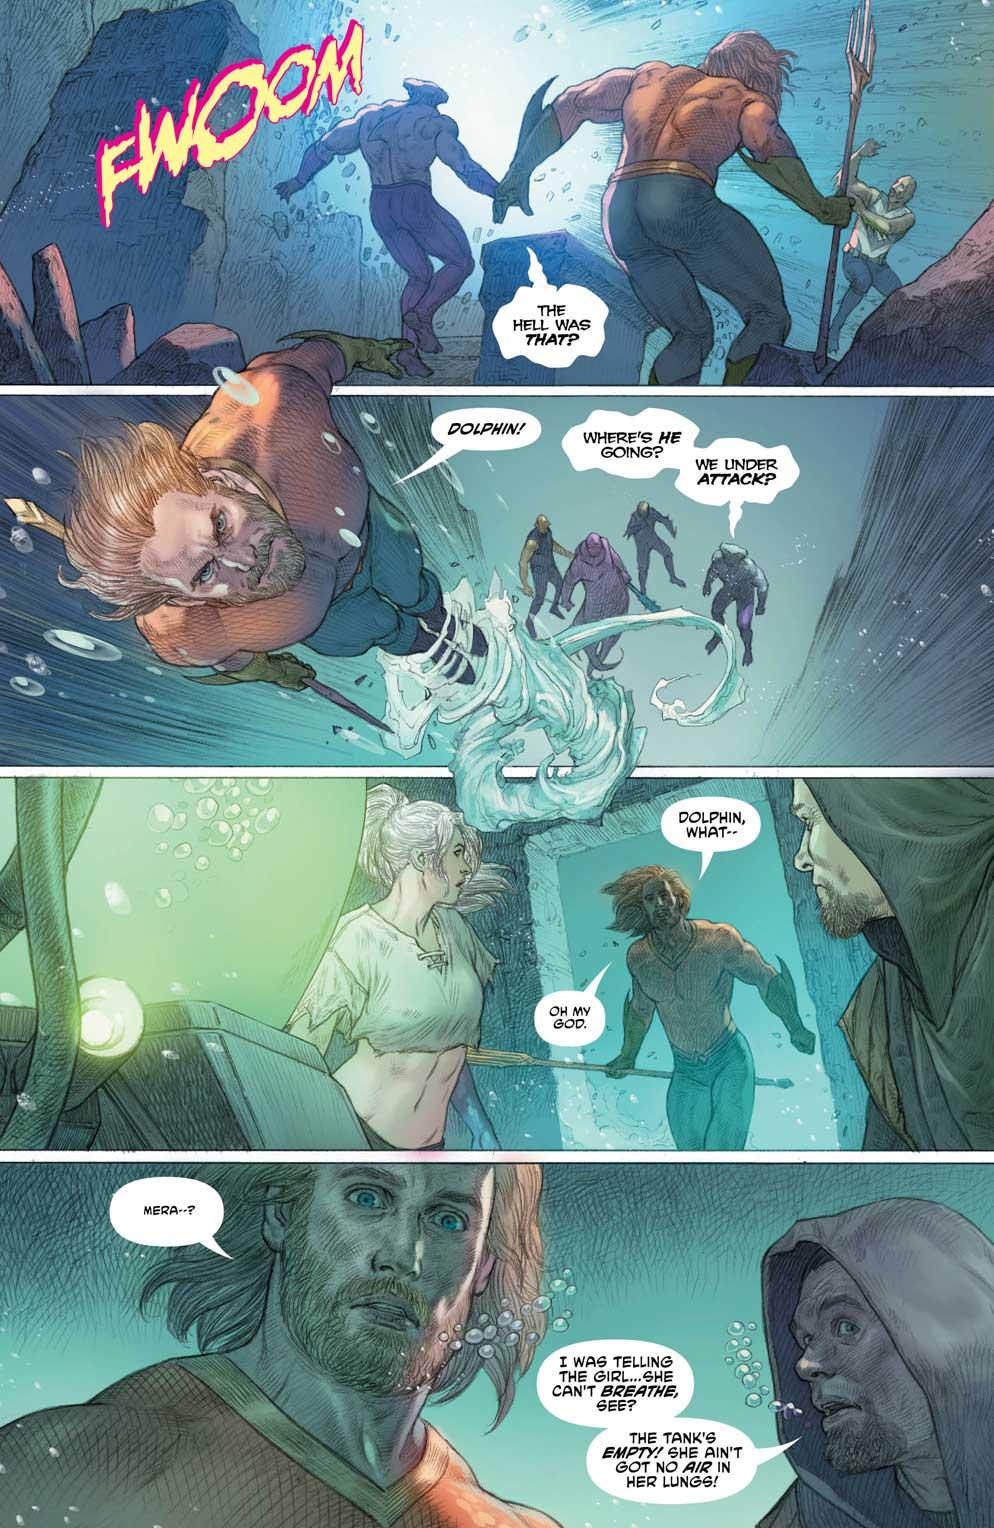 Aquaman 32_2 - DC Comics News